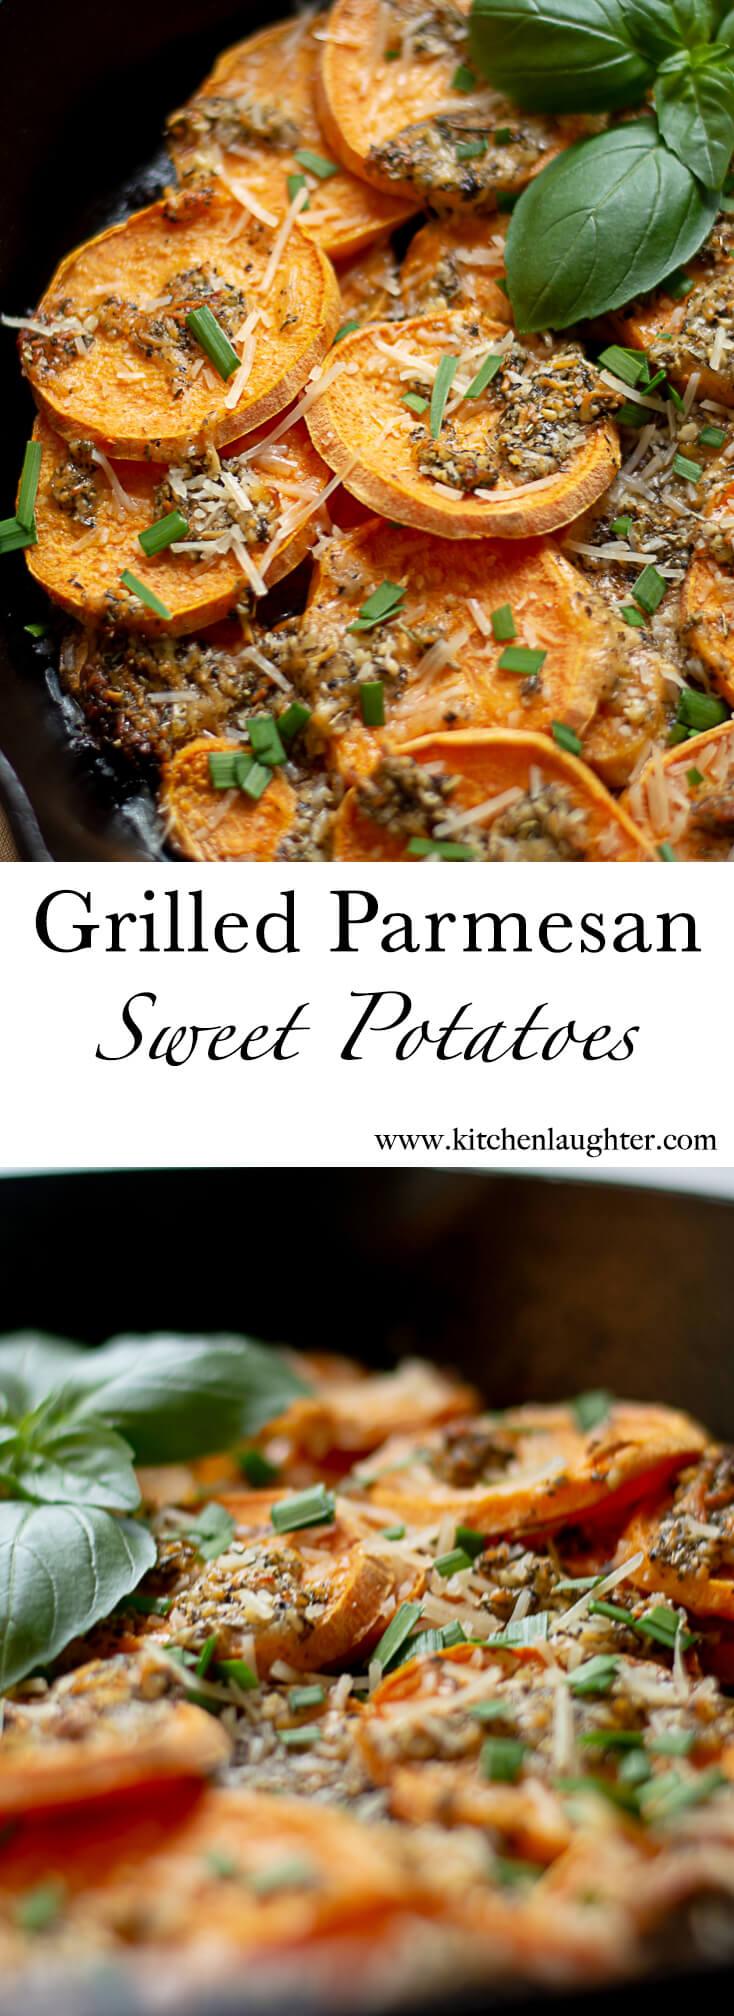 Grilled Parmesan Sweet Potatoes #Grilled #BGE #BigGreenEgg #SweetPotatoes #CastIronSkillet #Thanksgiving